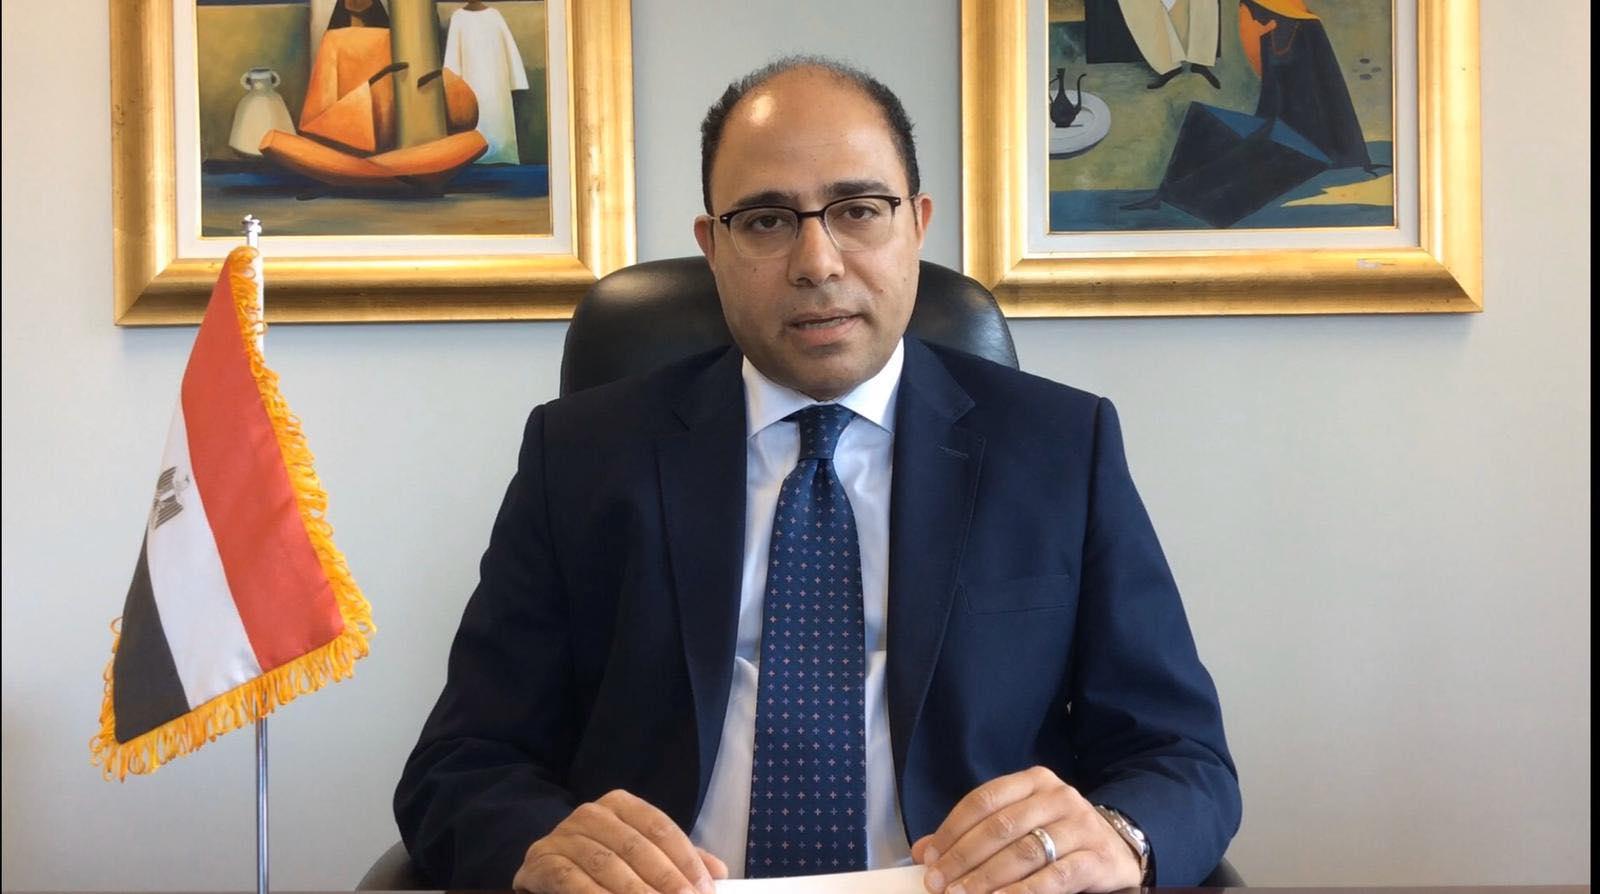 سفير مصر بكندا سعيد بتعاون مبادرة ;بُناة مصر الرقمية; وجامعة كوينز التي تعد من أفضل الجامعات